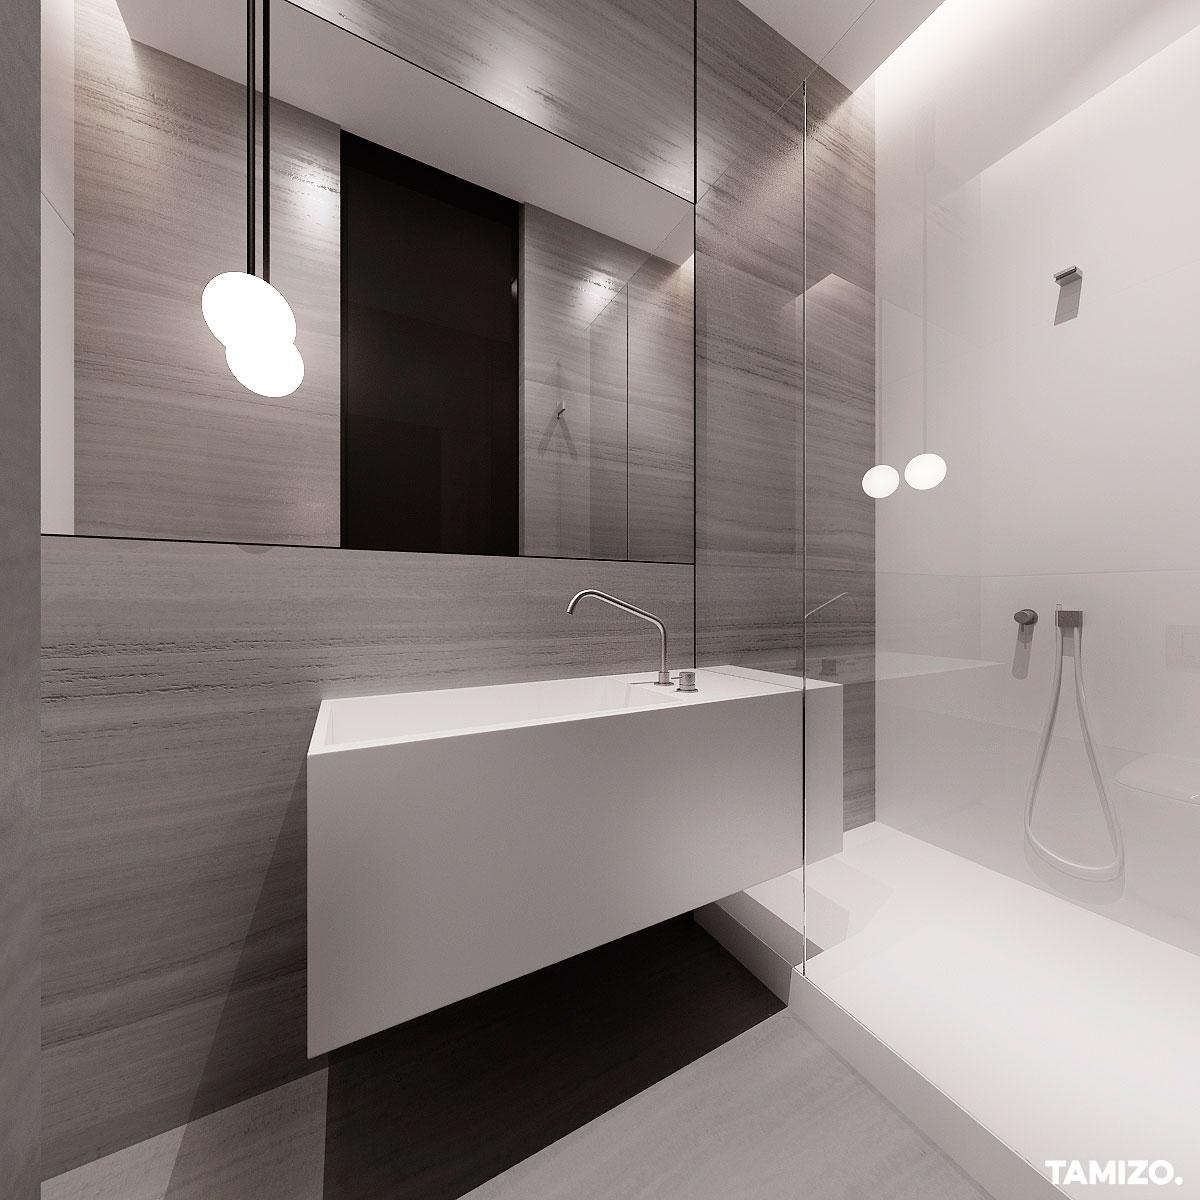 I057_tamizo_architekci_projekt-wnetrz-stara-kamienica-wnetrze-klasyczne-minimalizm-warszawa-20